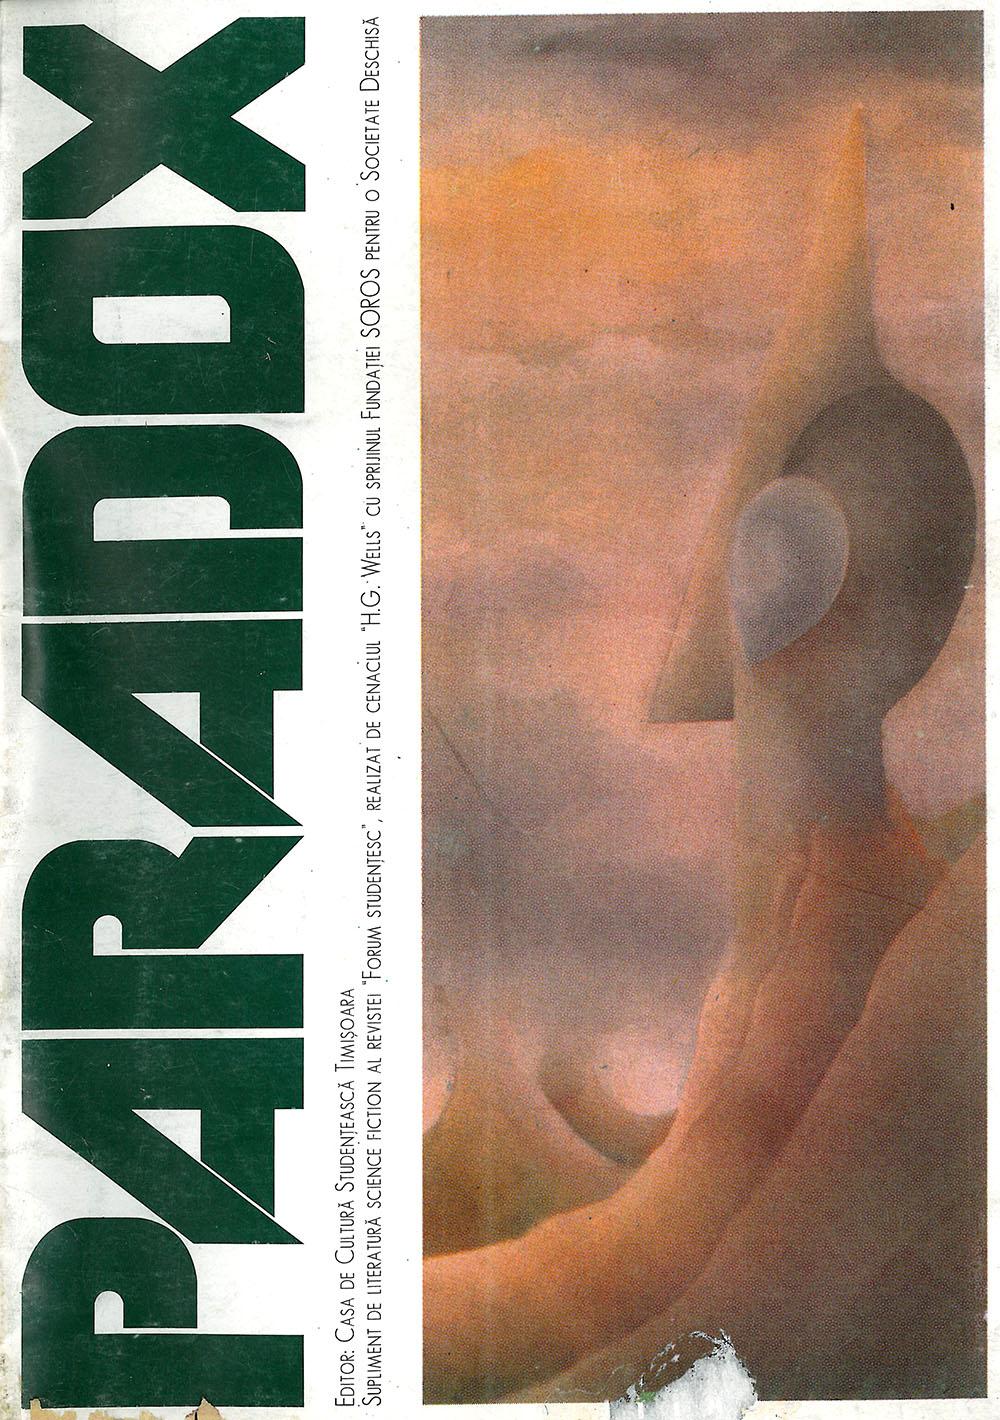 Paradox nr. 19/1997